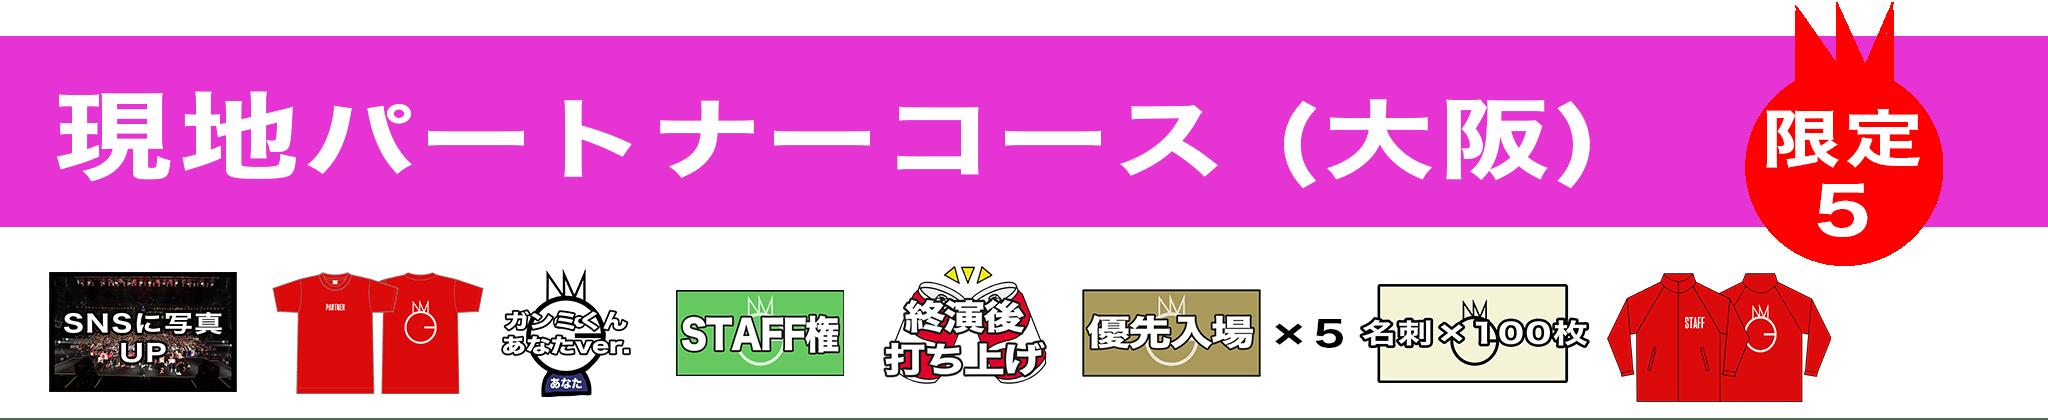 クラファン リターン 現地パートナーコース 大阪